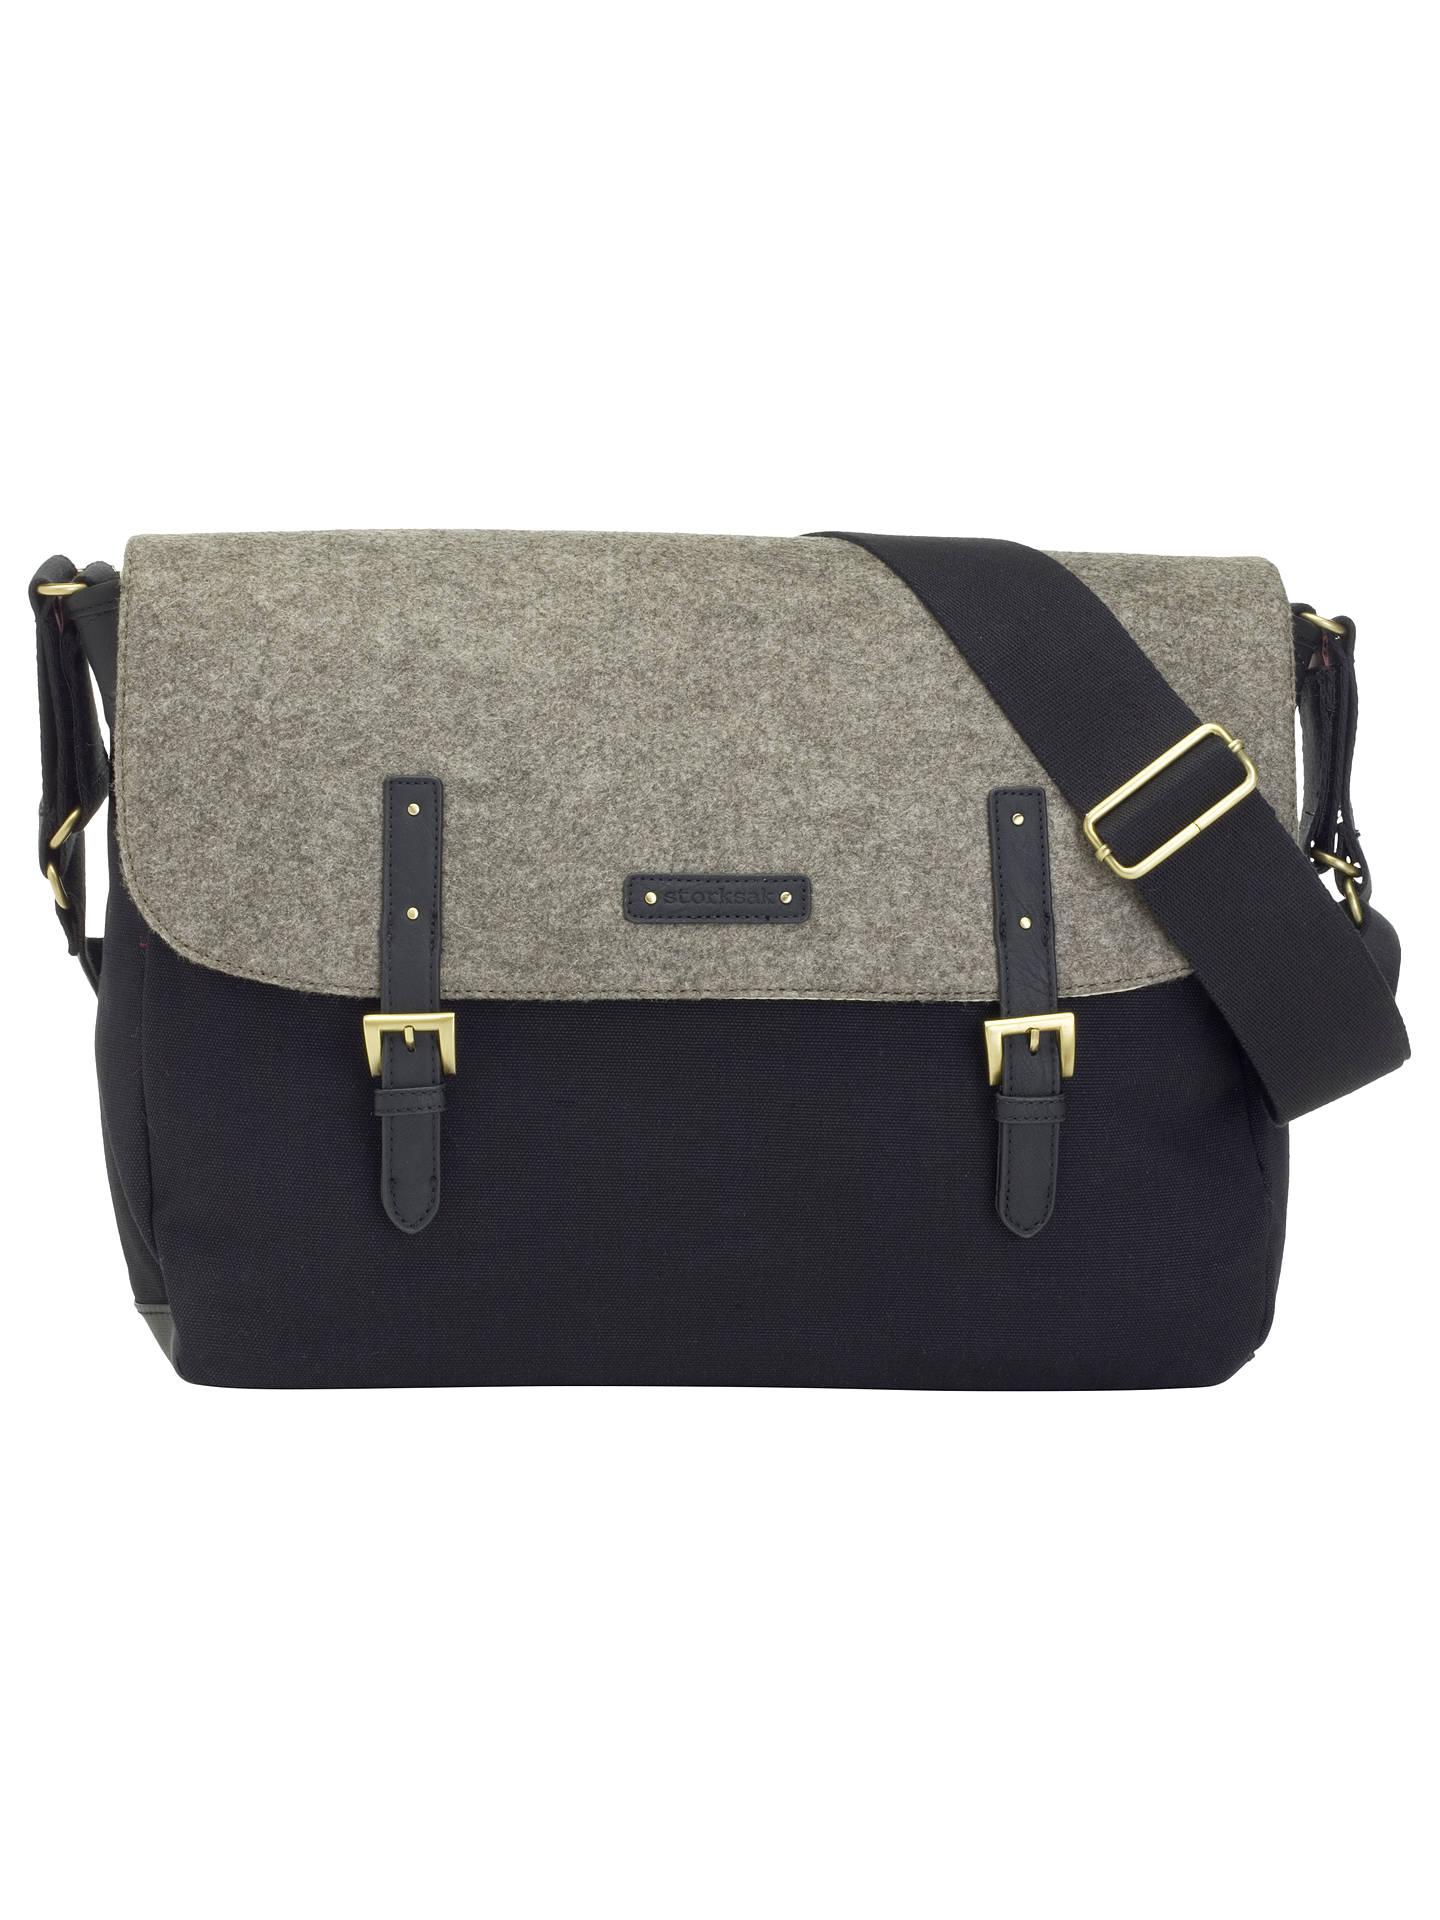 Storksak Ashley Felt Messenger Changing Bag Black Grey Online At Johnlewis